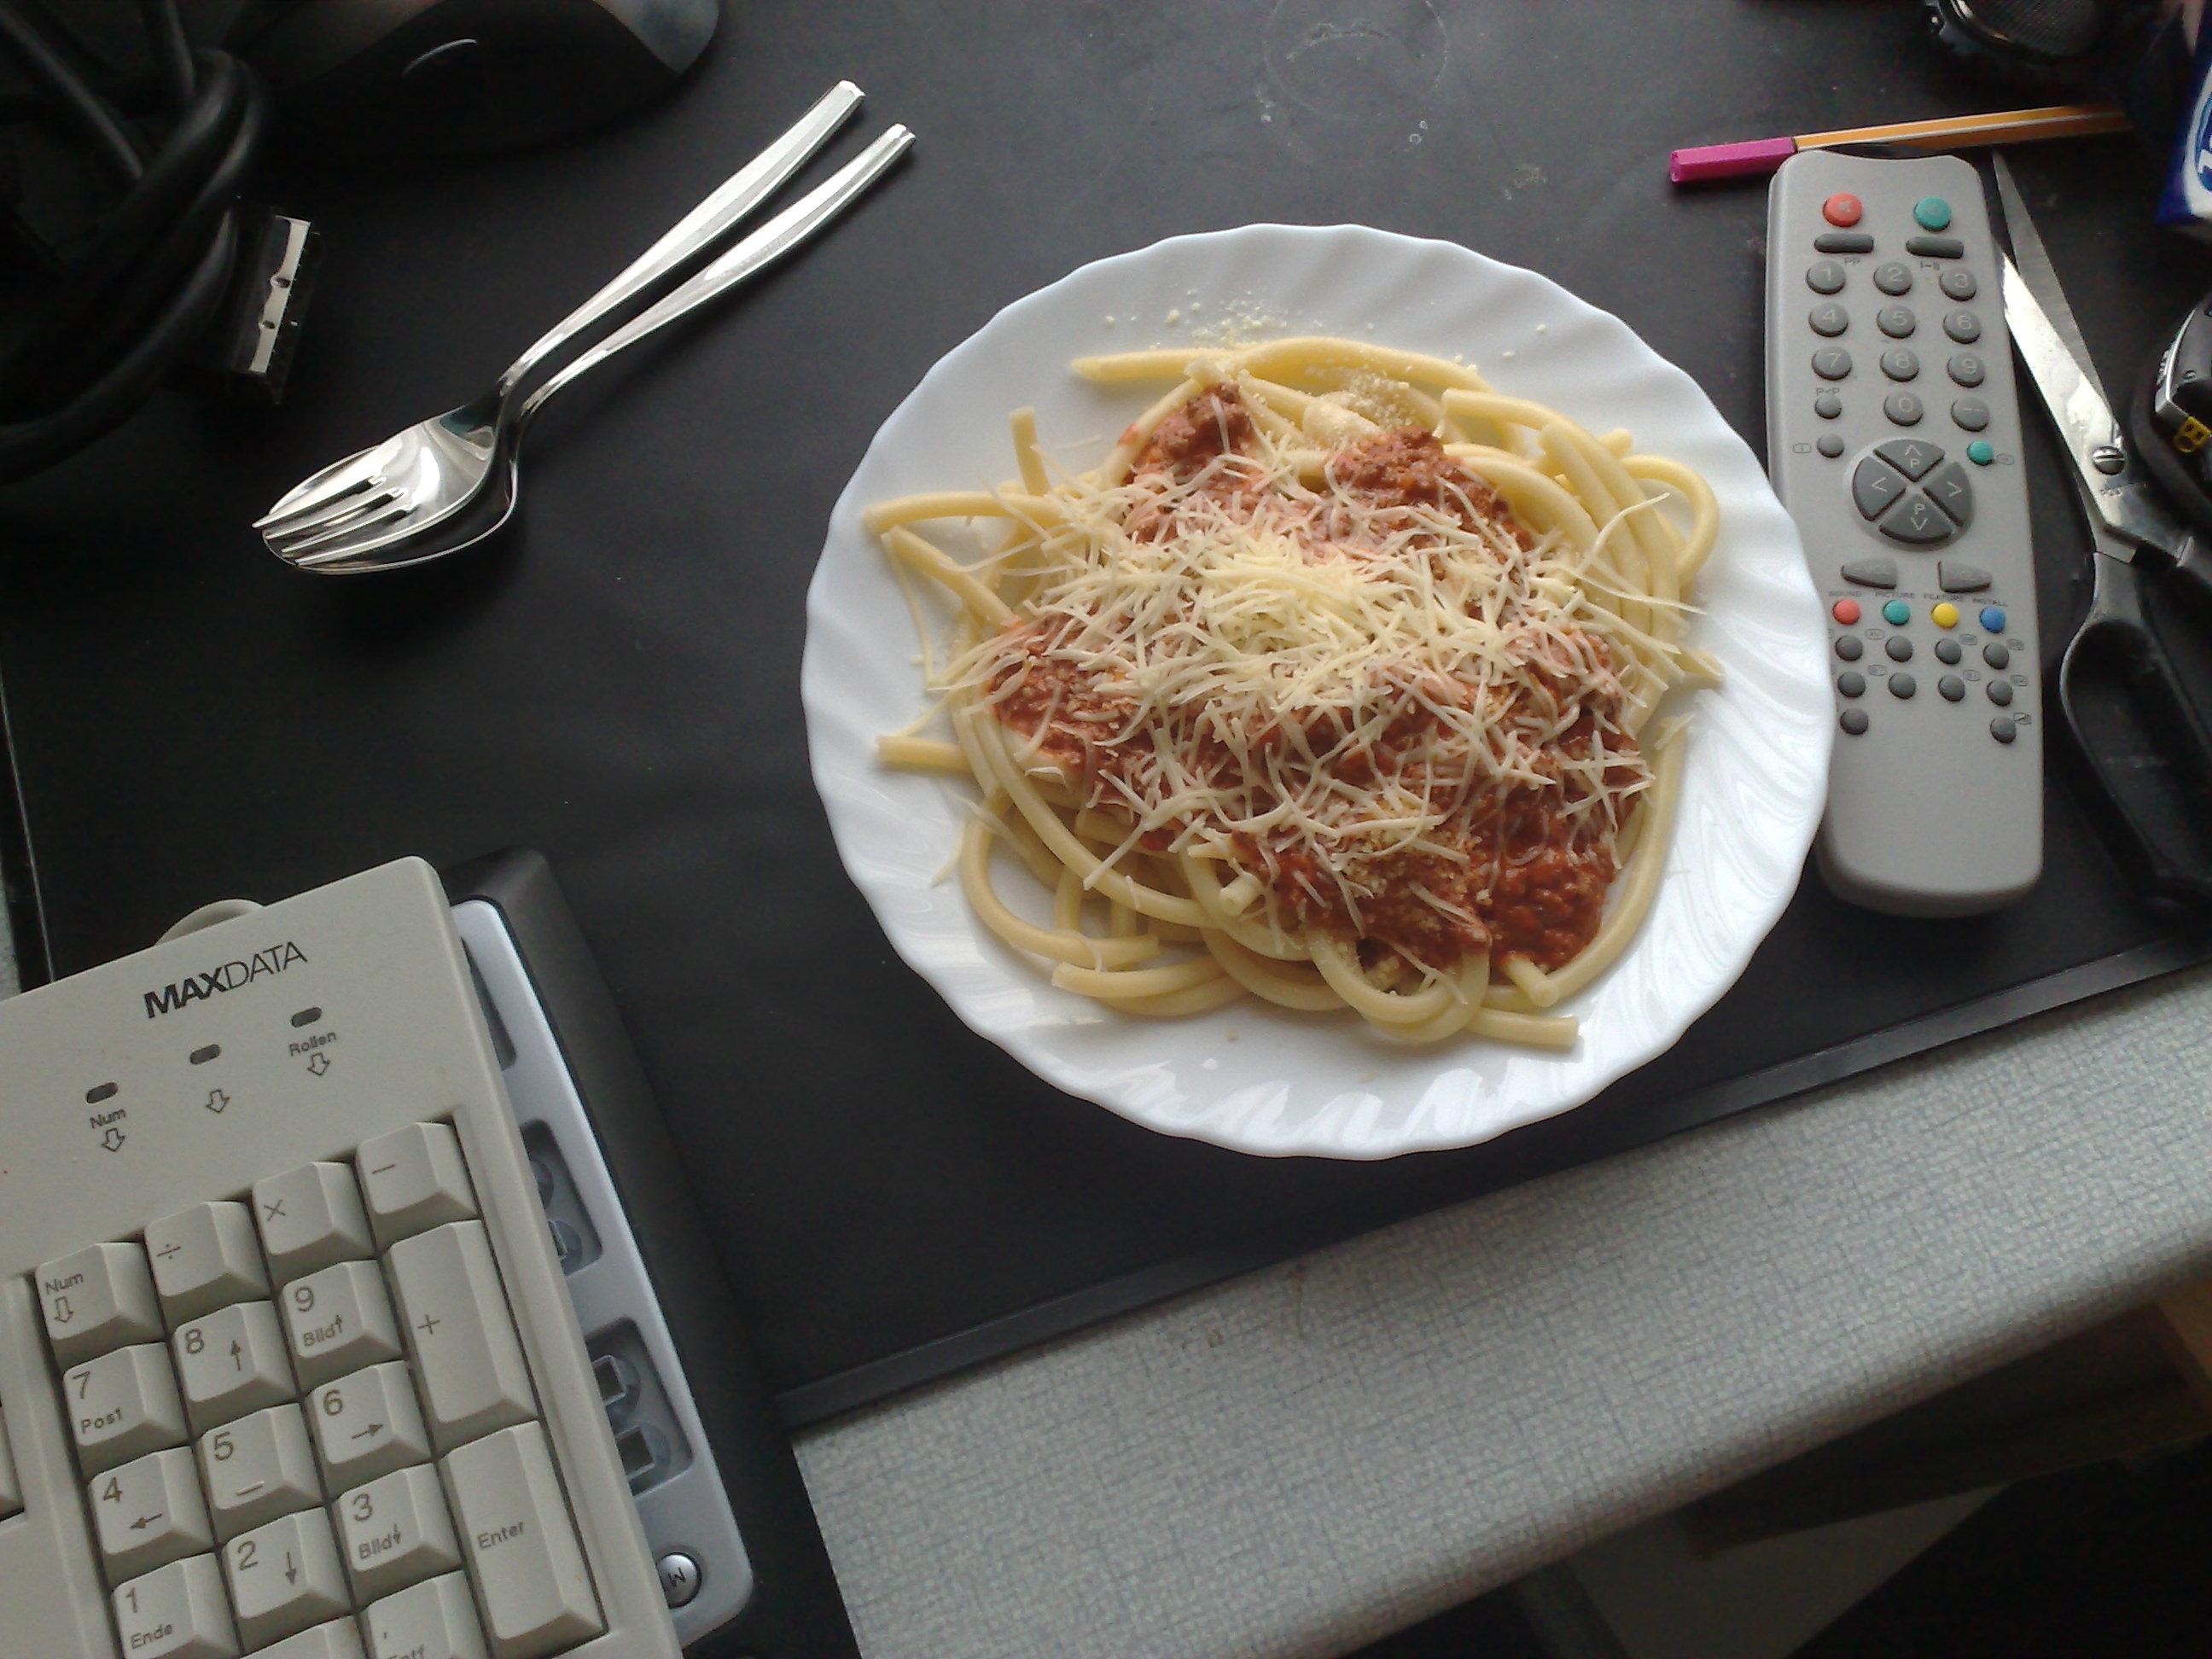 https://foodloader.net/killerra_2009-03-01_Macaroni_Bolognese.jpg